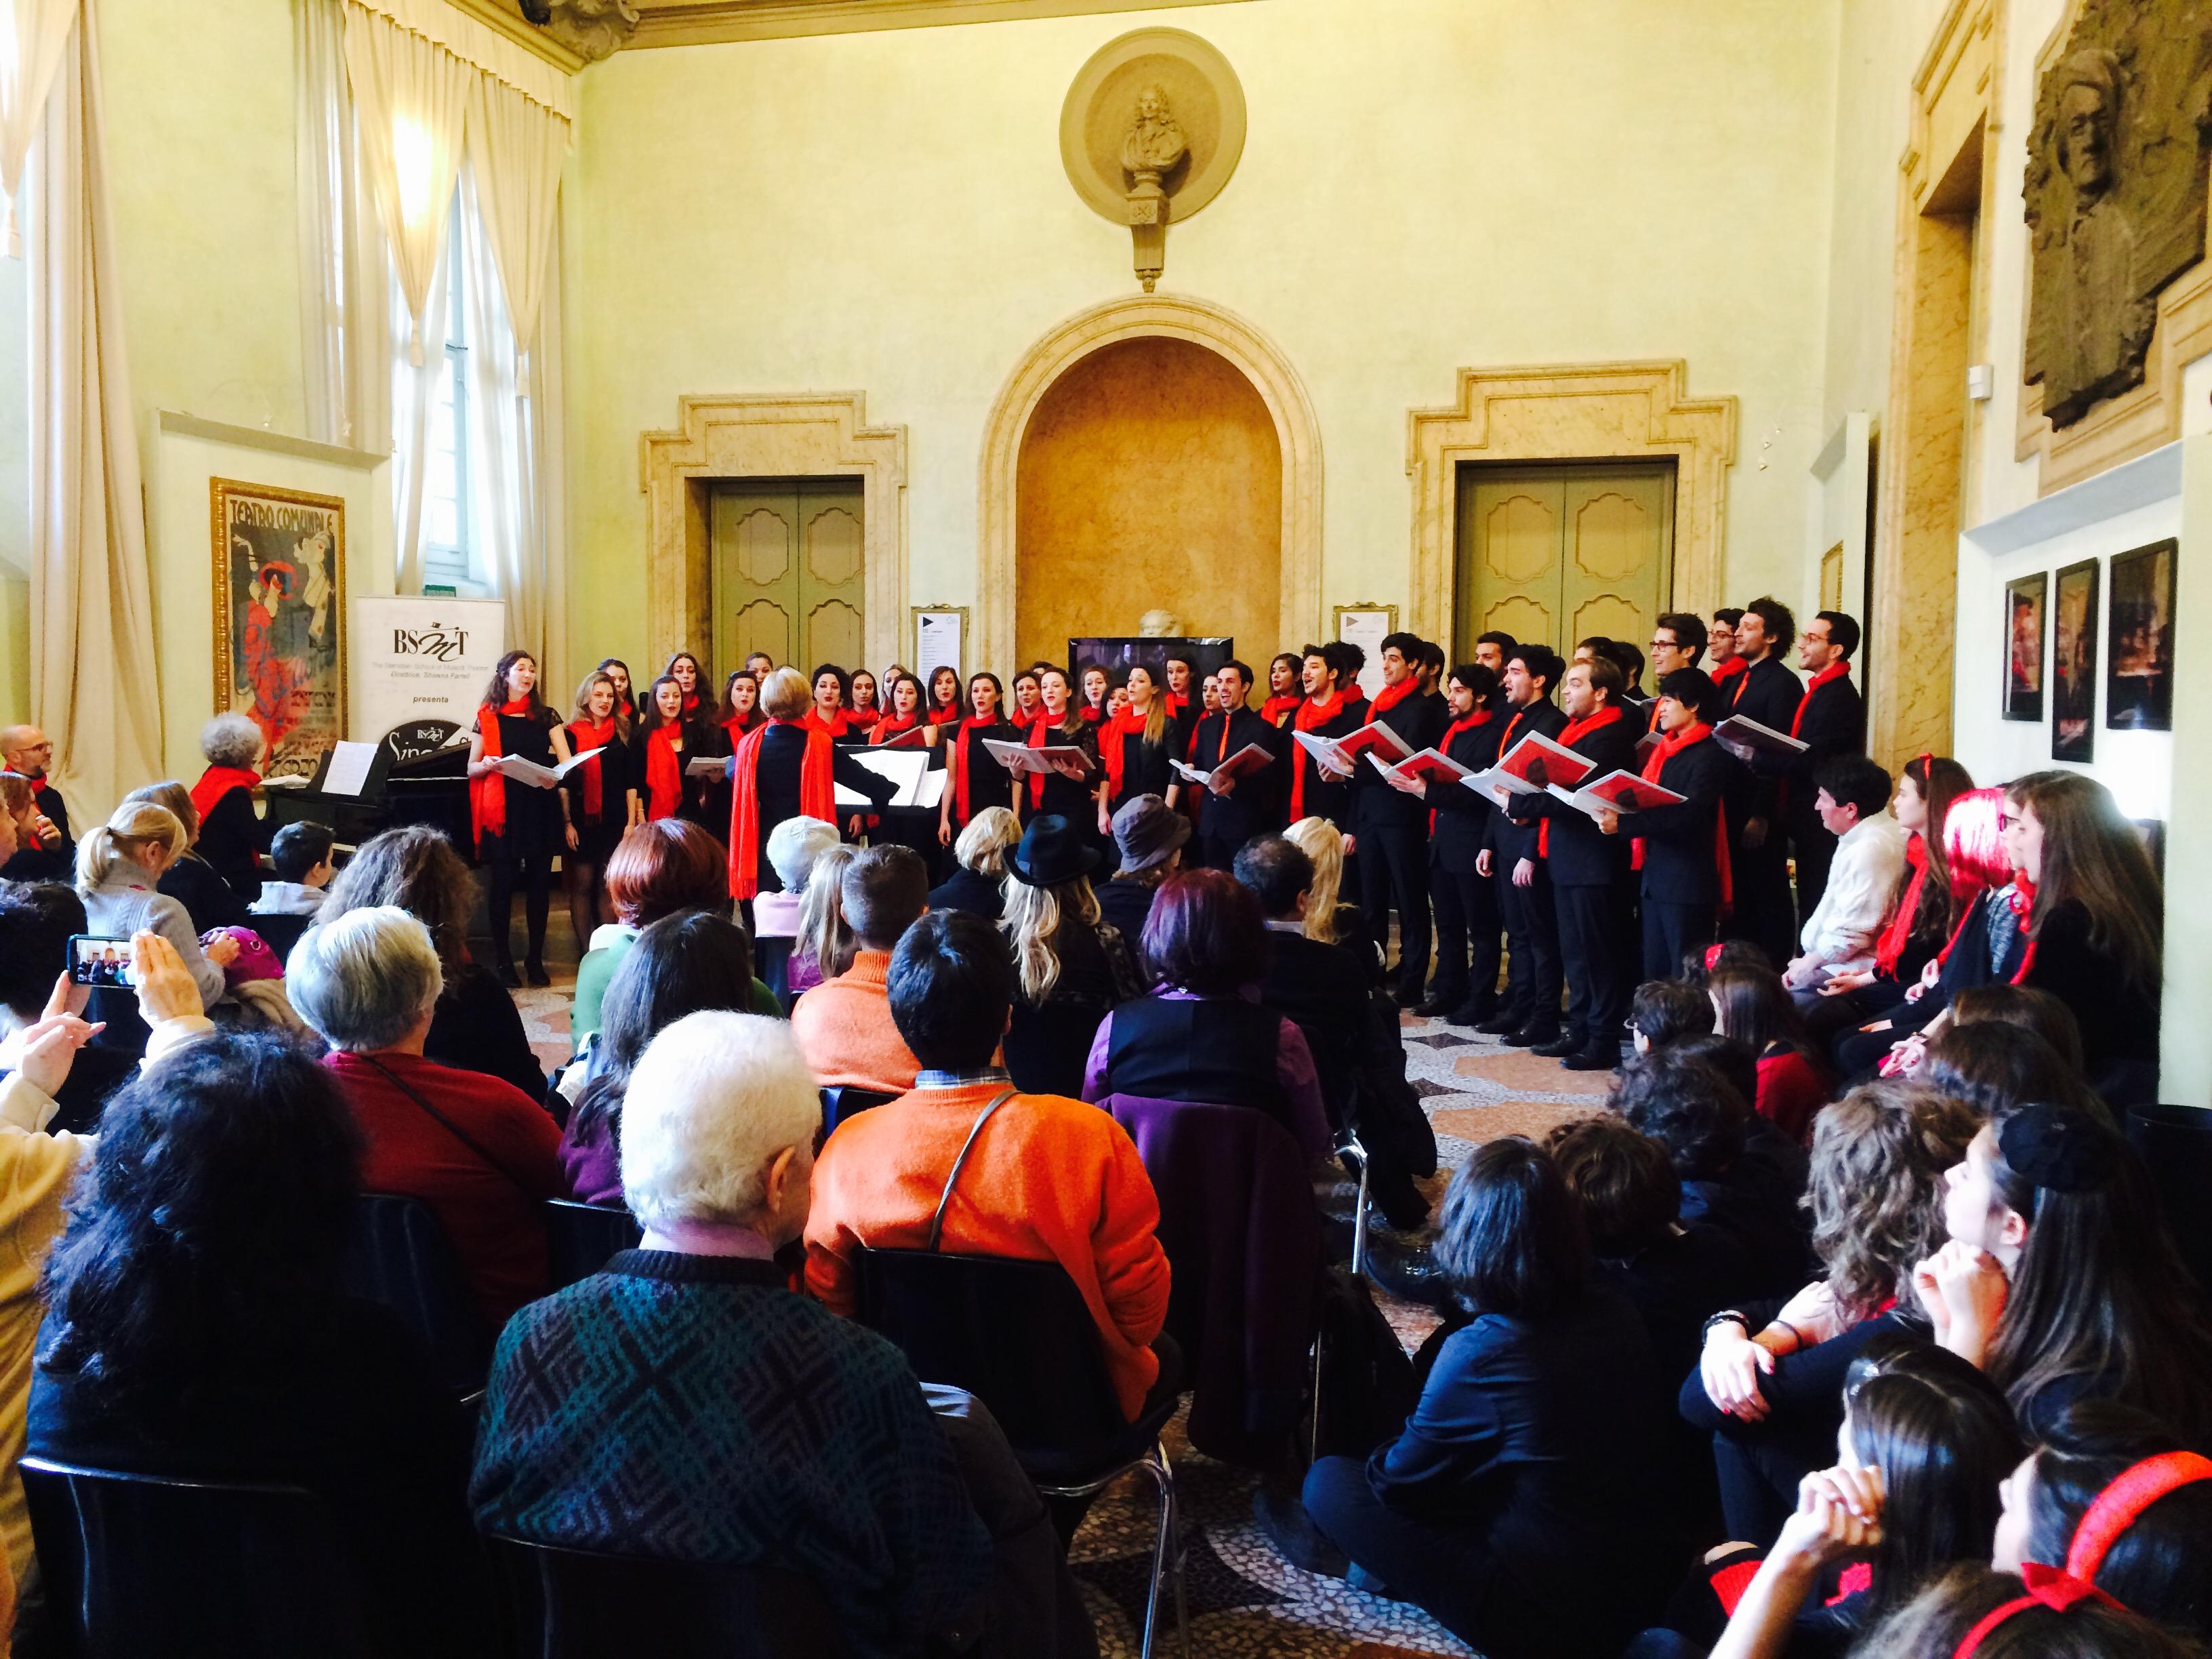 BSMT Singers_Foyer Respighi